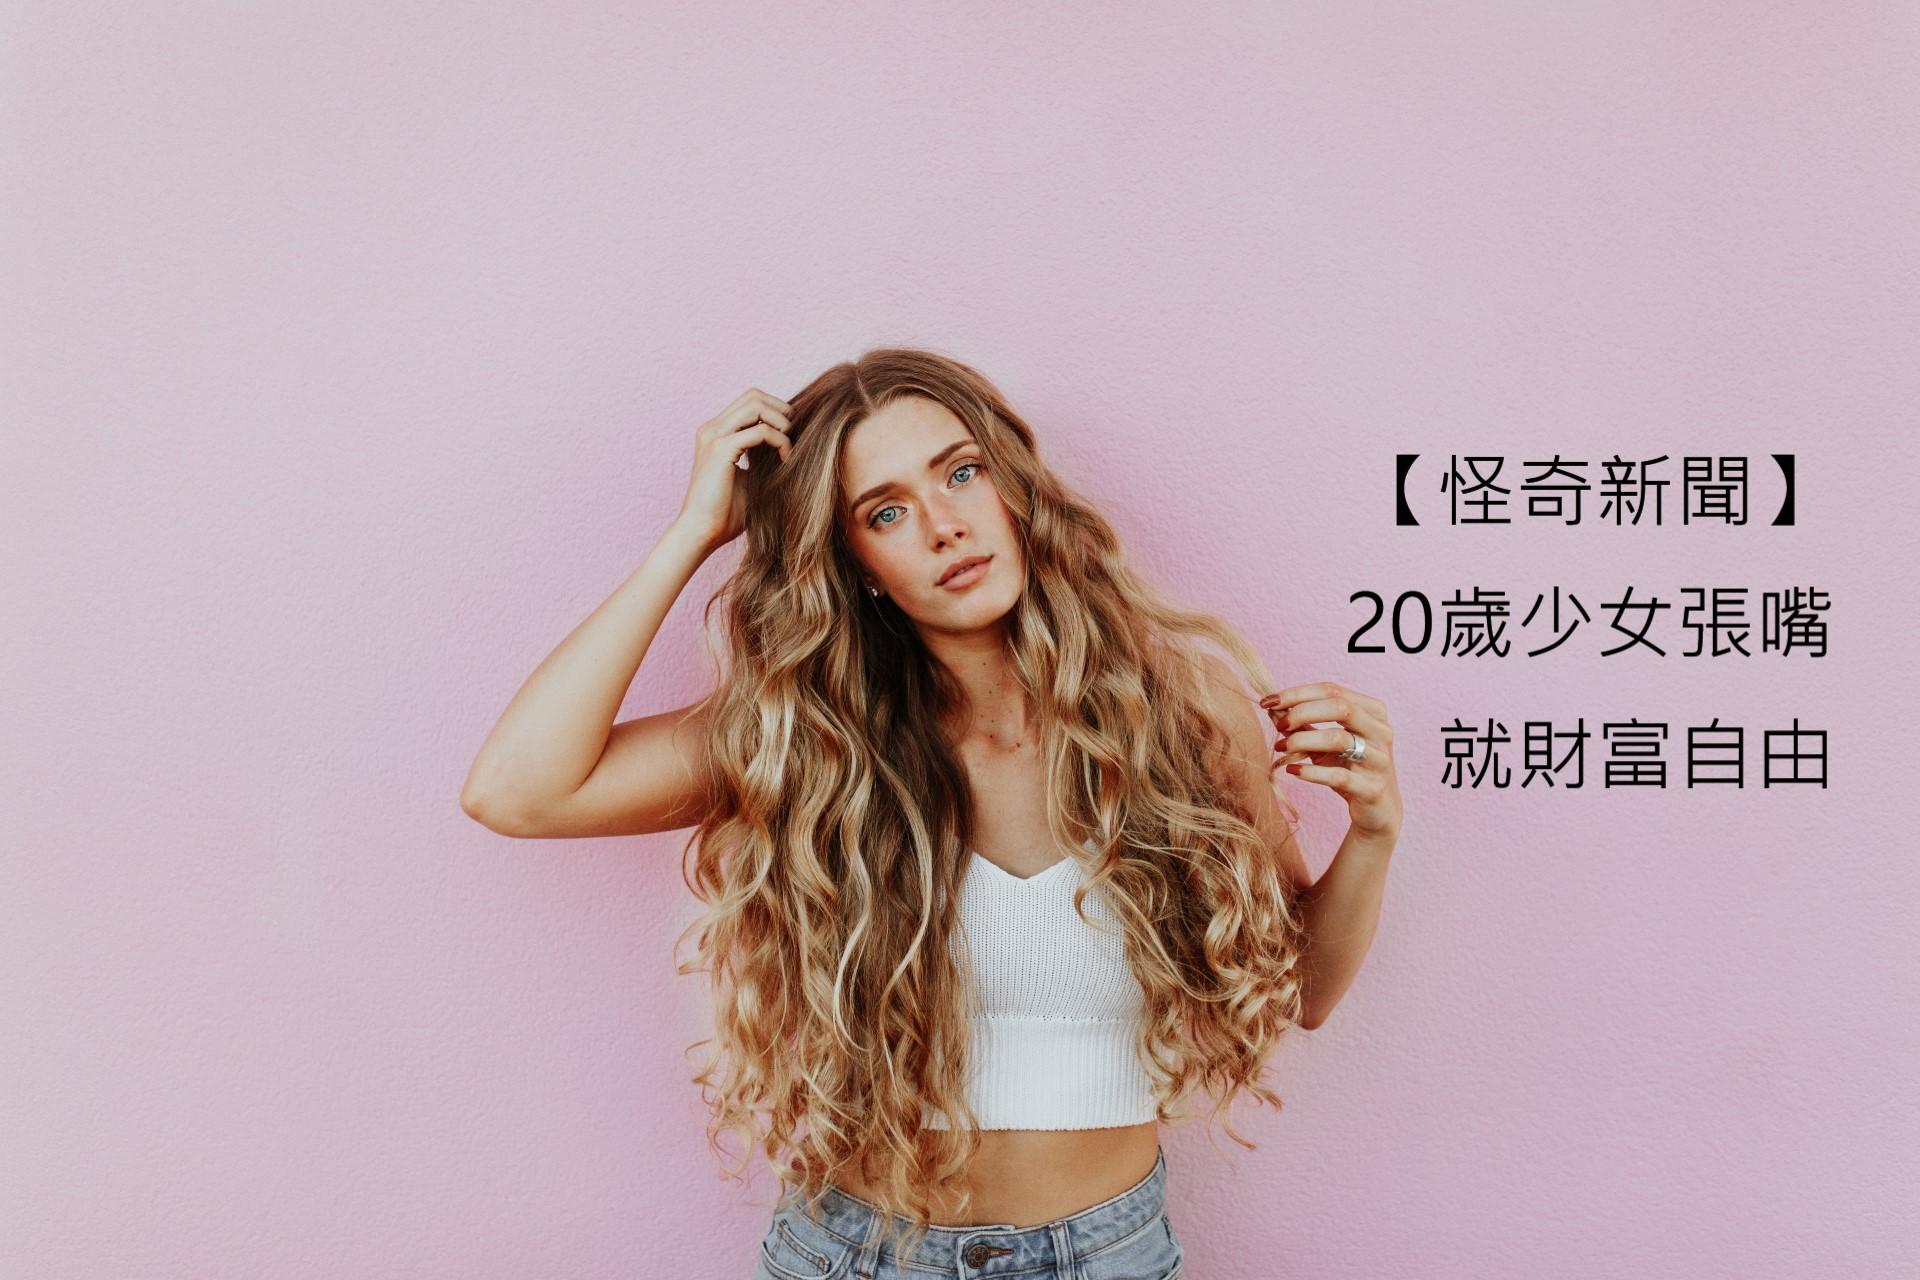 【怪奇新聞】20歲少女張嘴就財富自由 3